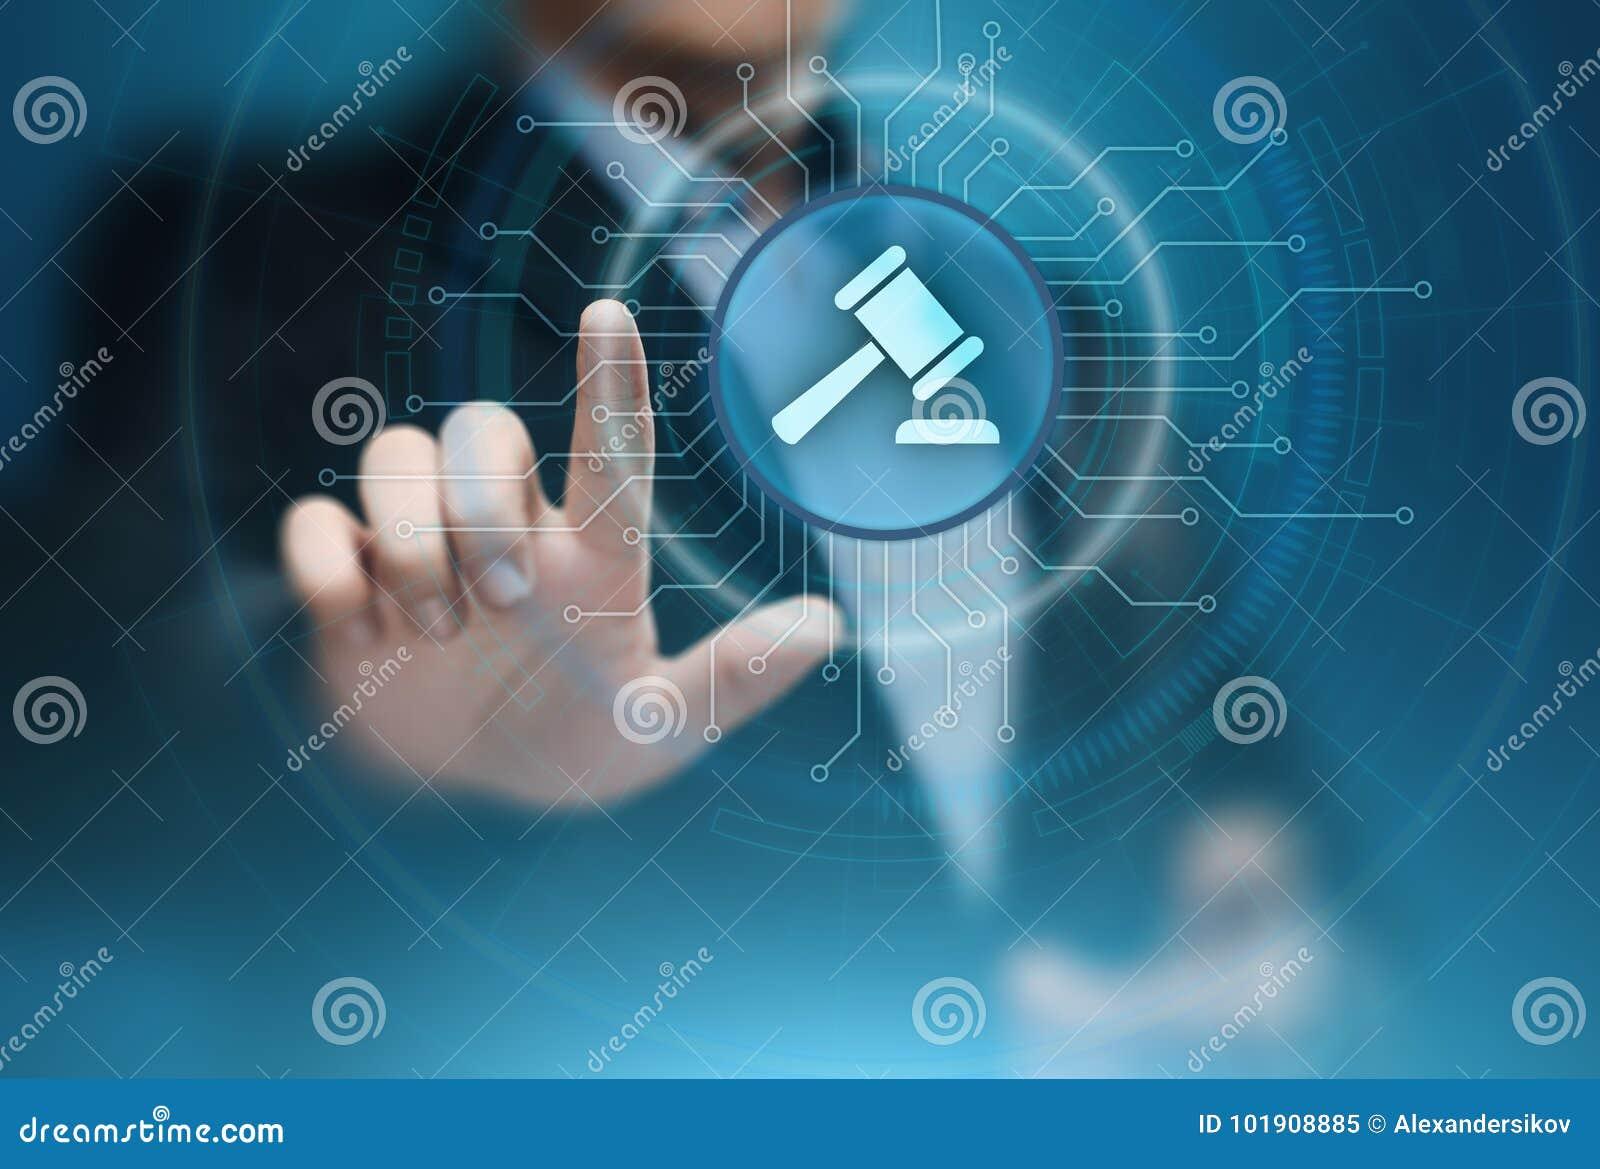 Abogado en la tecnología de Internet de la subasta de Business Legal Lawyer de la ley